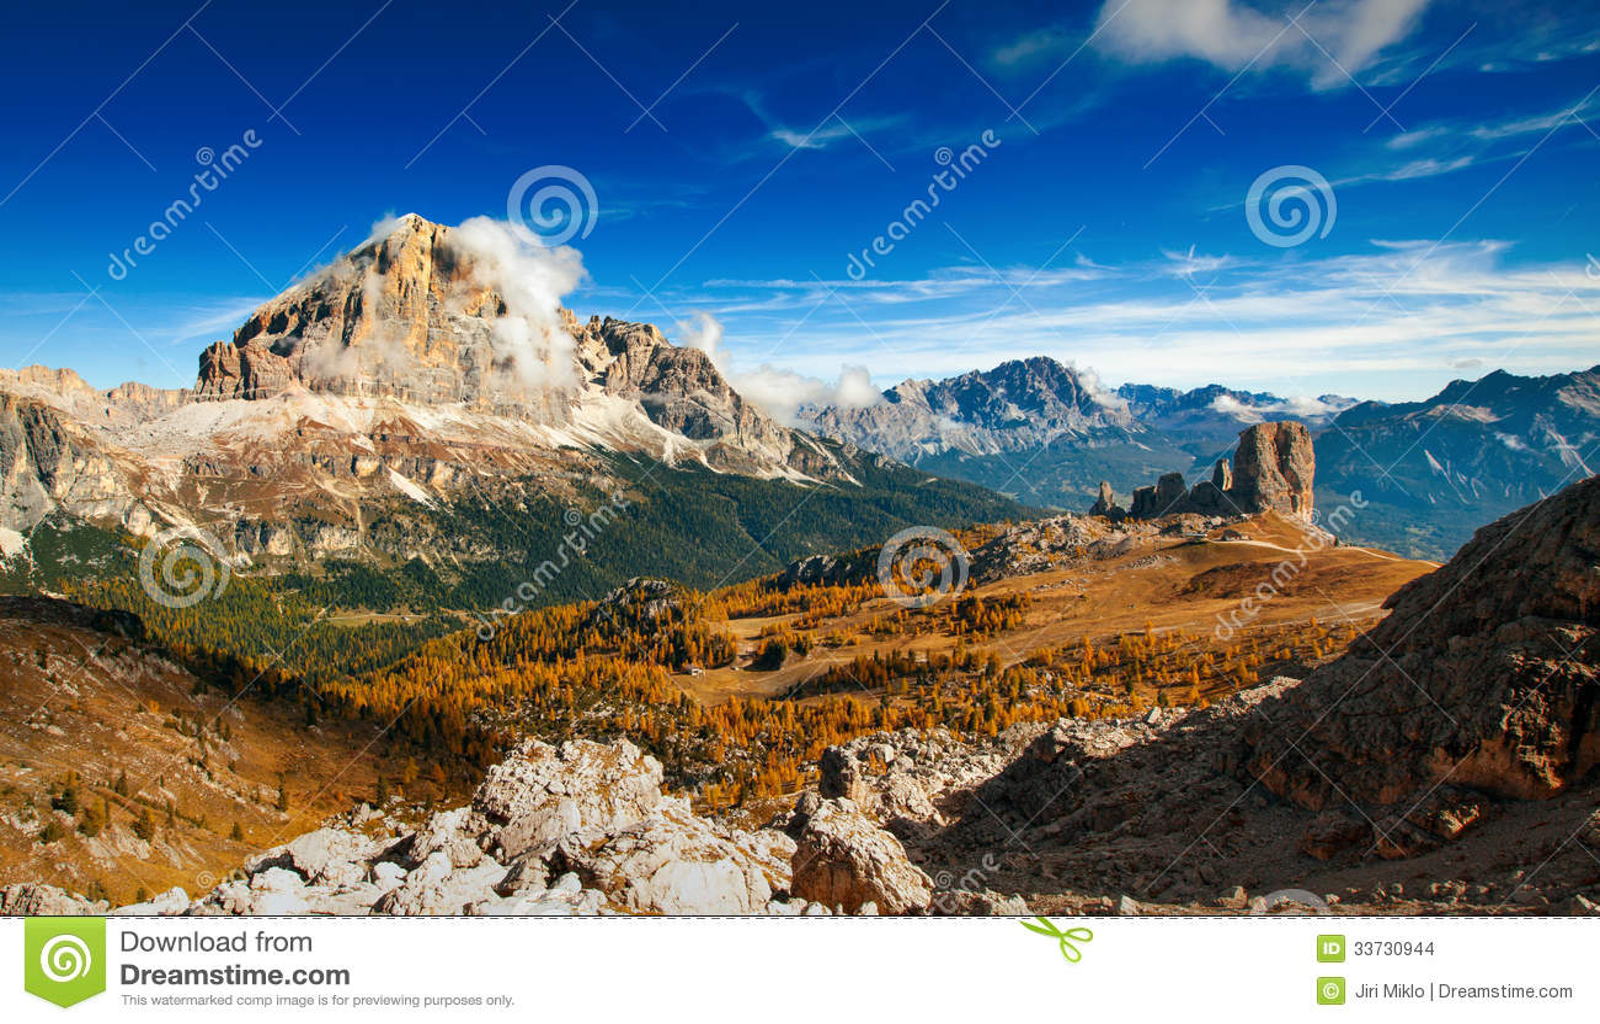 Dolomiti italiano - montañas del ofhigh de la visión panorámica